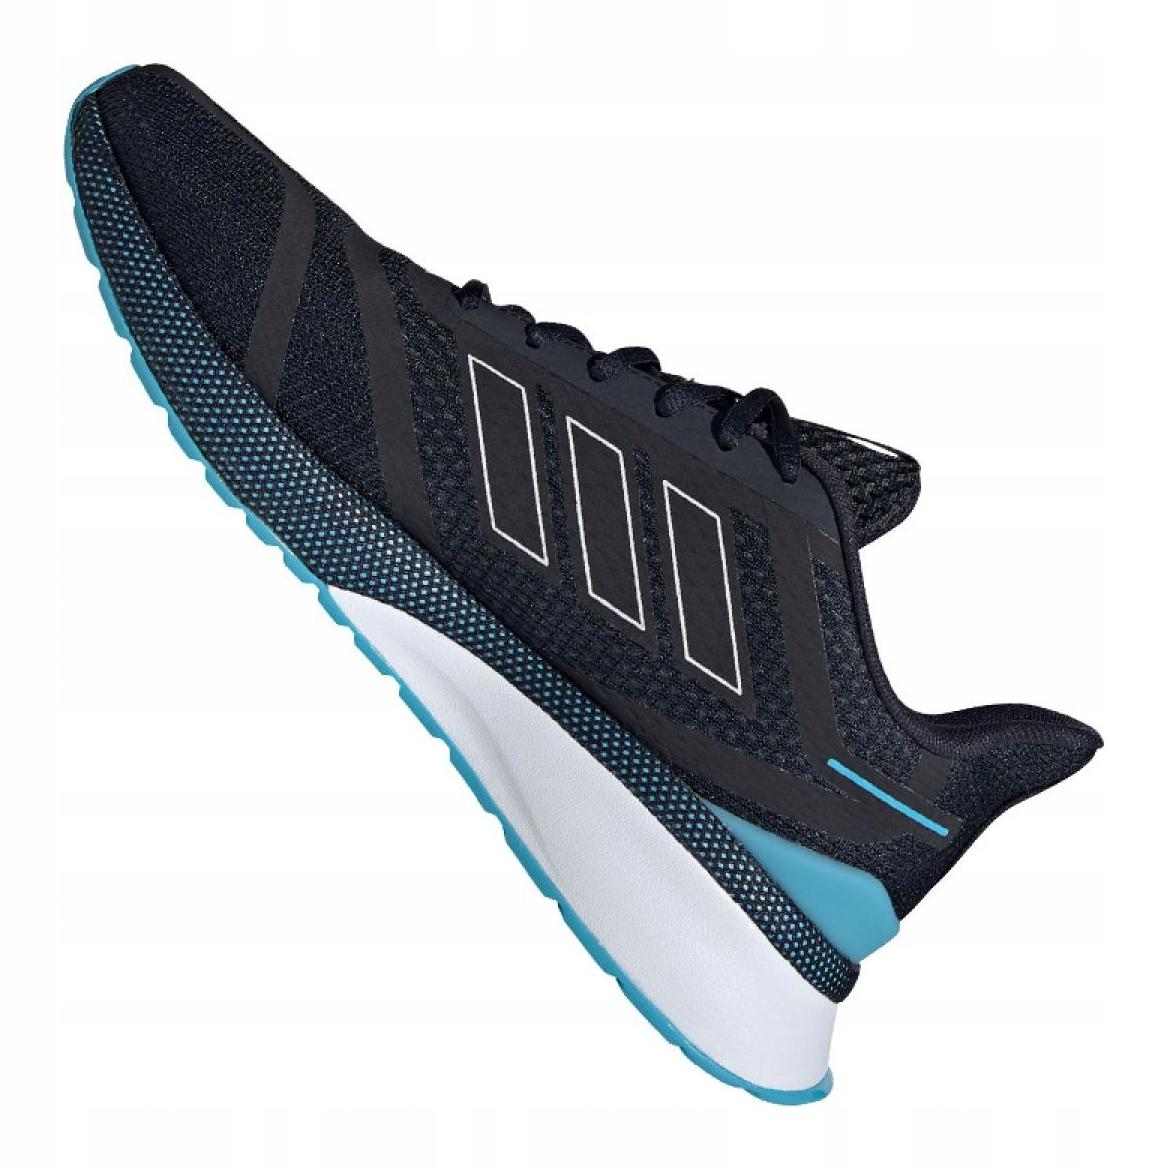 Nova Chegada Original Adidas Duramo 9 Tênis Sapatilhas dos Homens